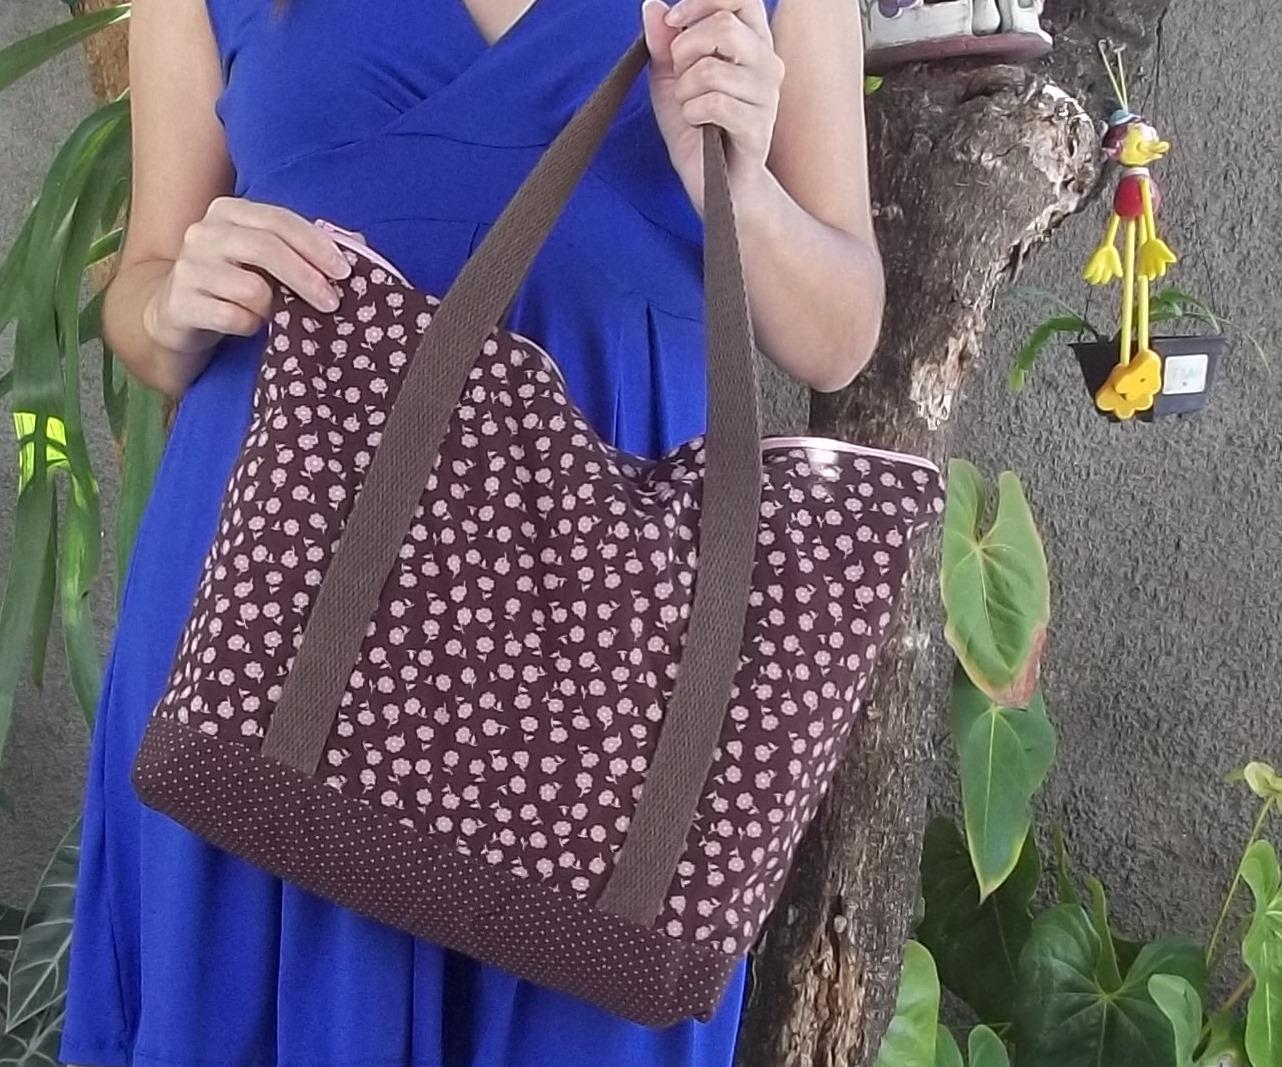 Bolsa De Tecido Passo A Passo Como Fazer : Bolsa de tecido com z?per objetos especiais elo